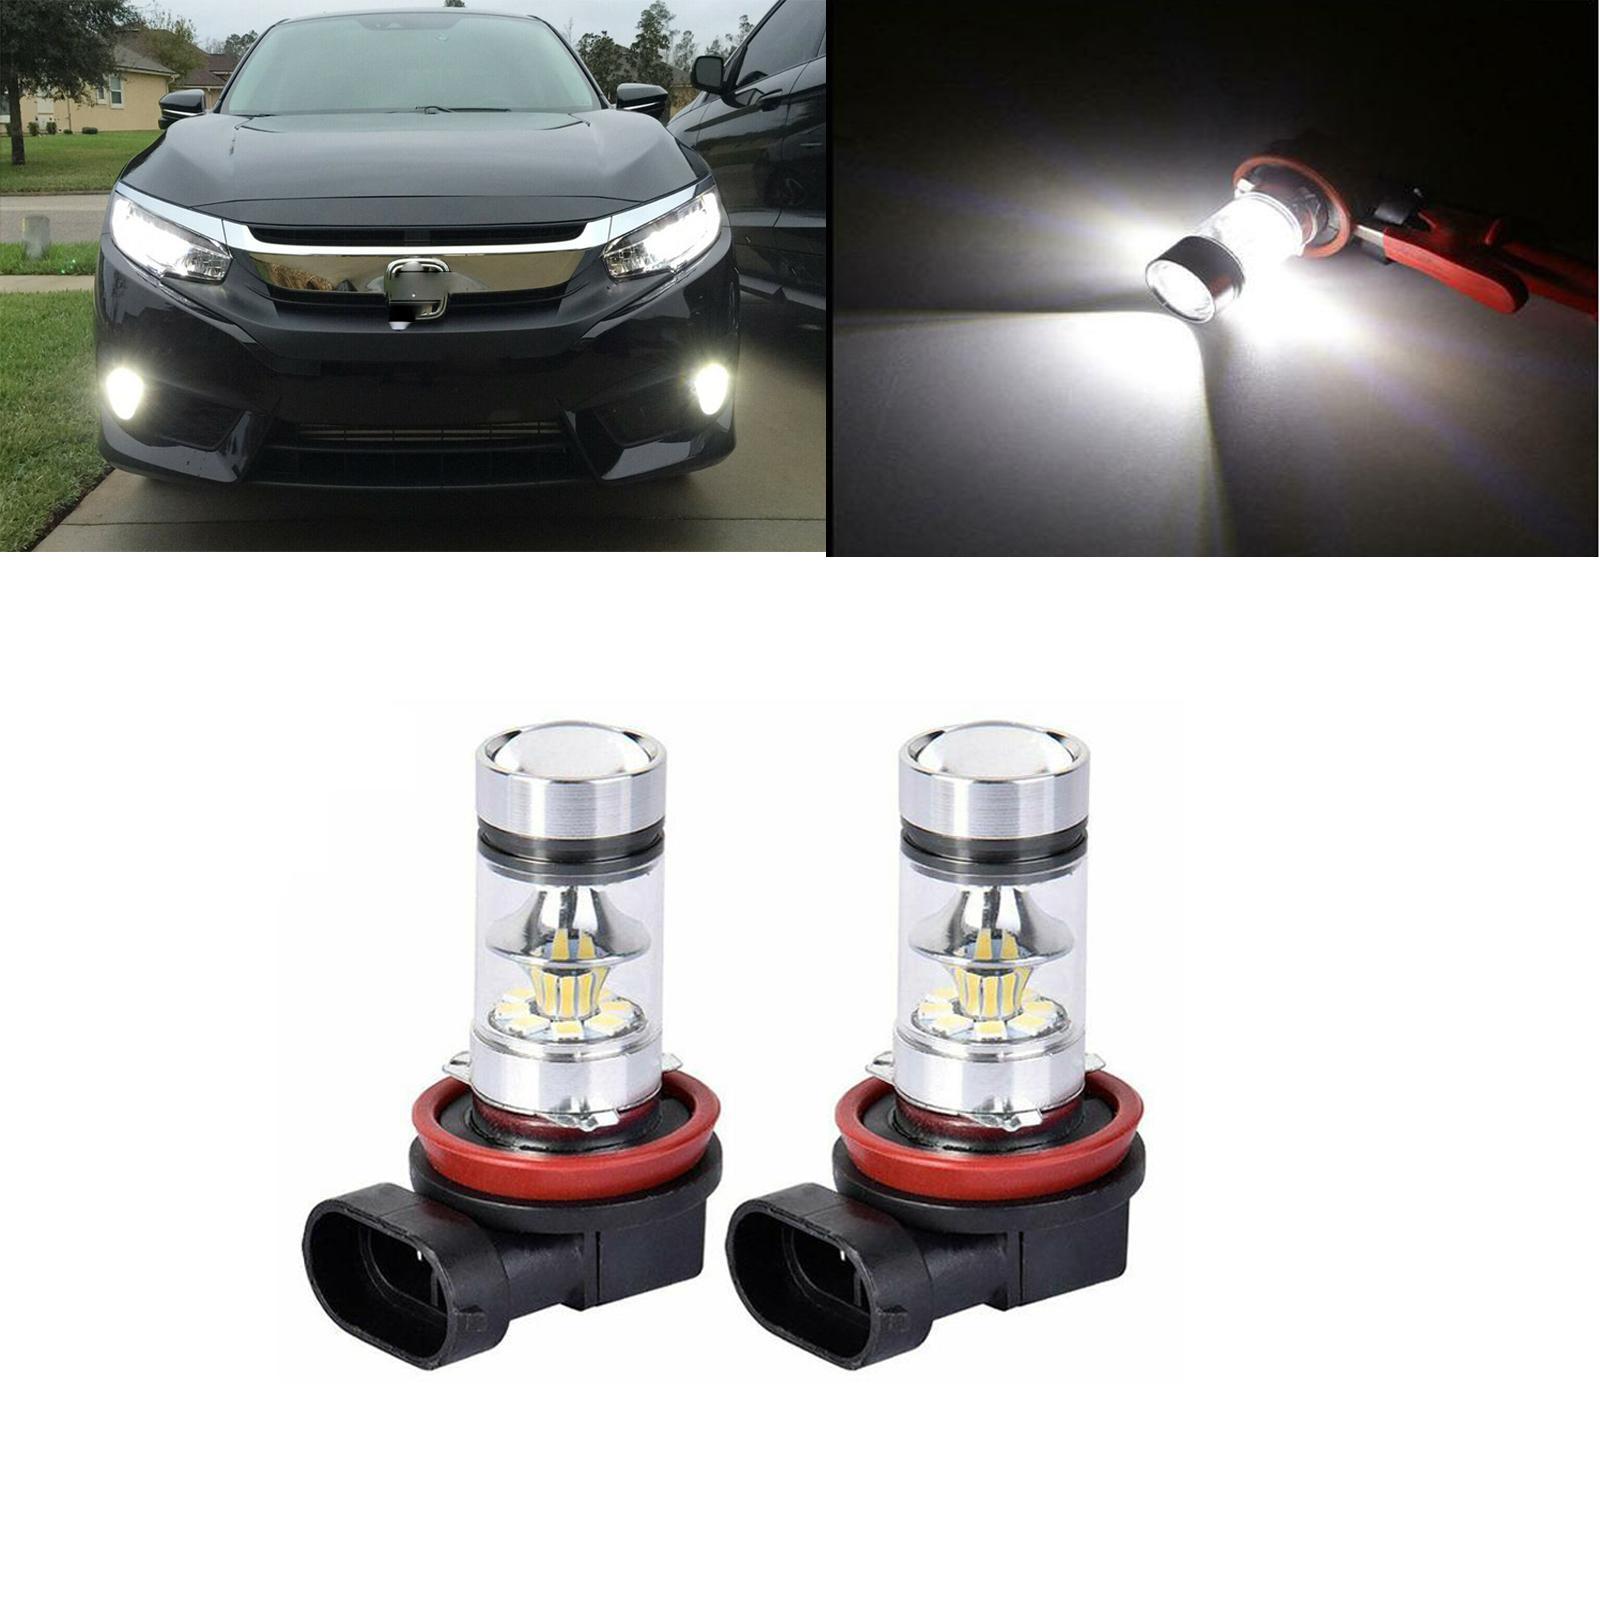 2X H8 H11 противотумансветильник, линзы проектора, белые светодиодные лампы для Honda Accord Civic 2006-2016 2017 2018 2019